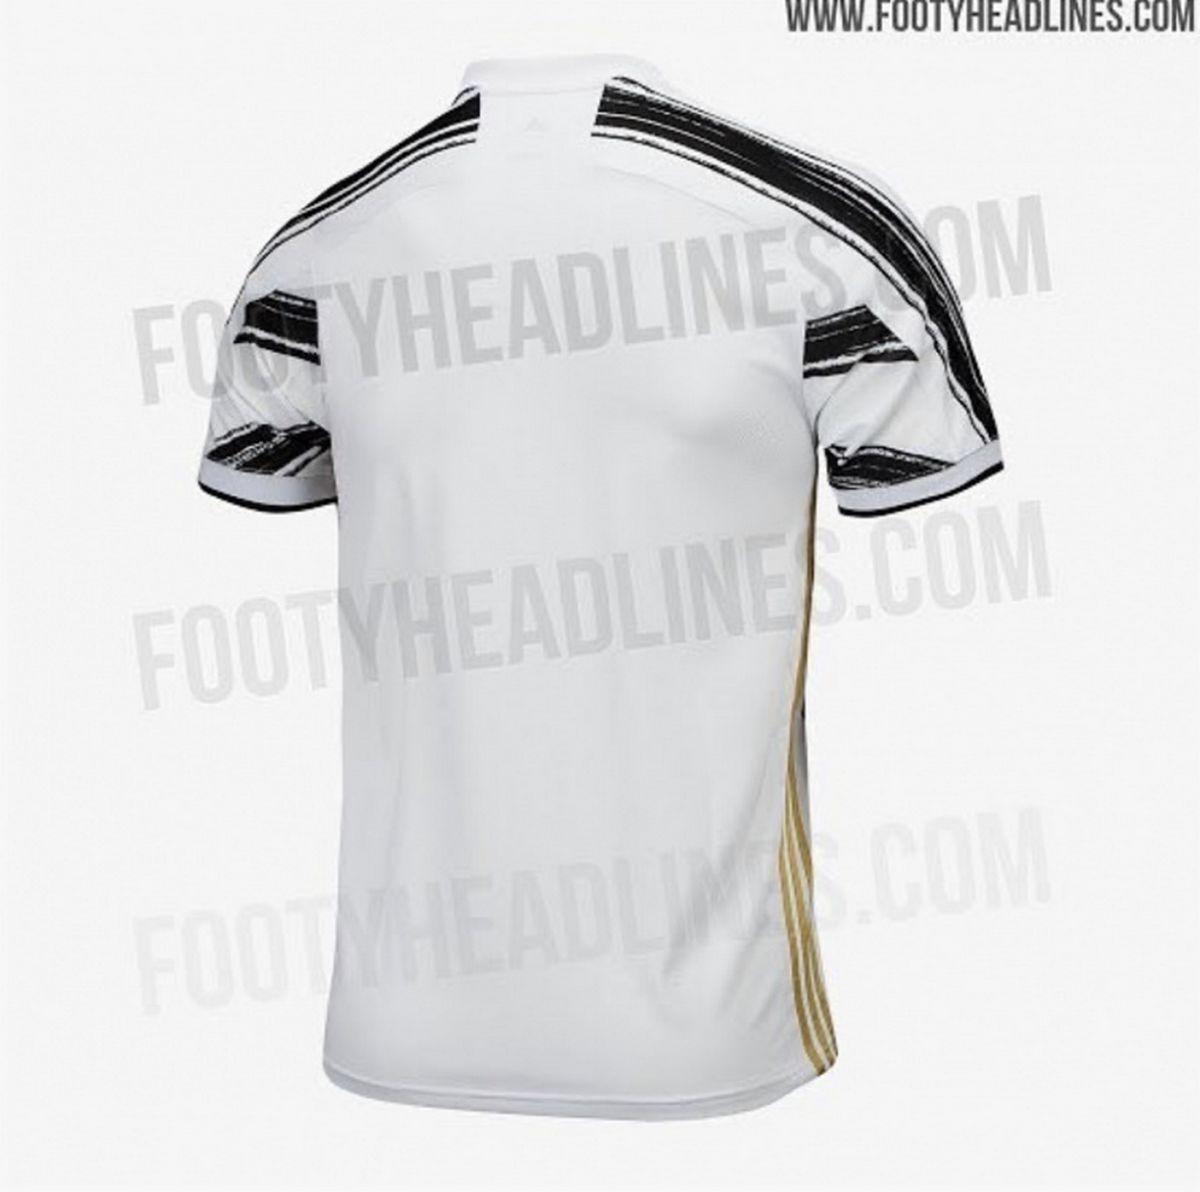 maglia juventus 2020-2021 retro